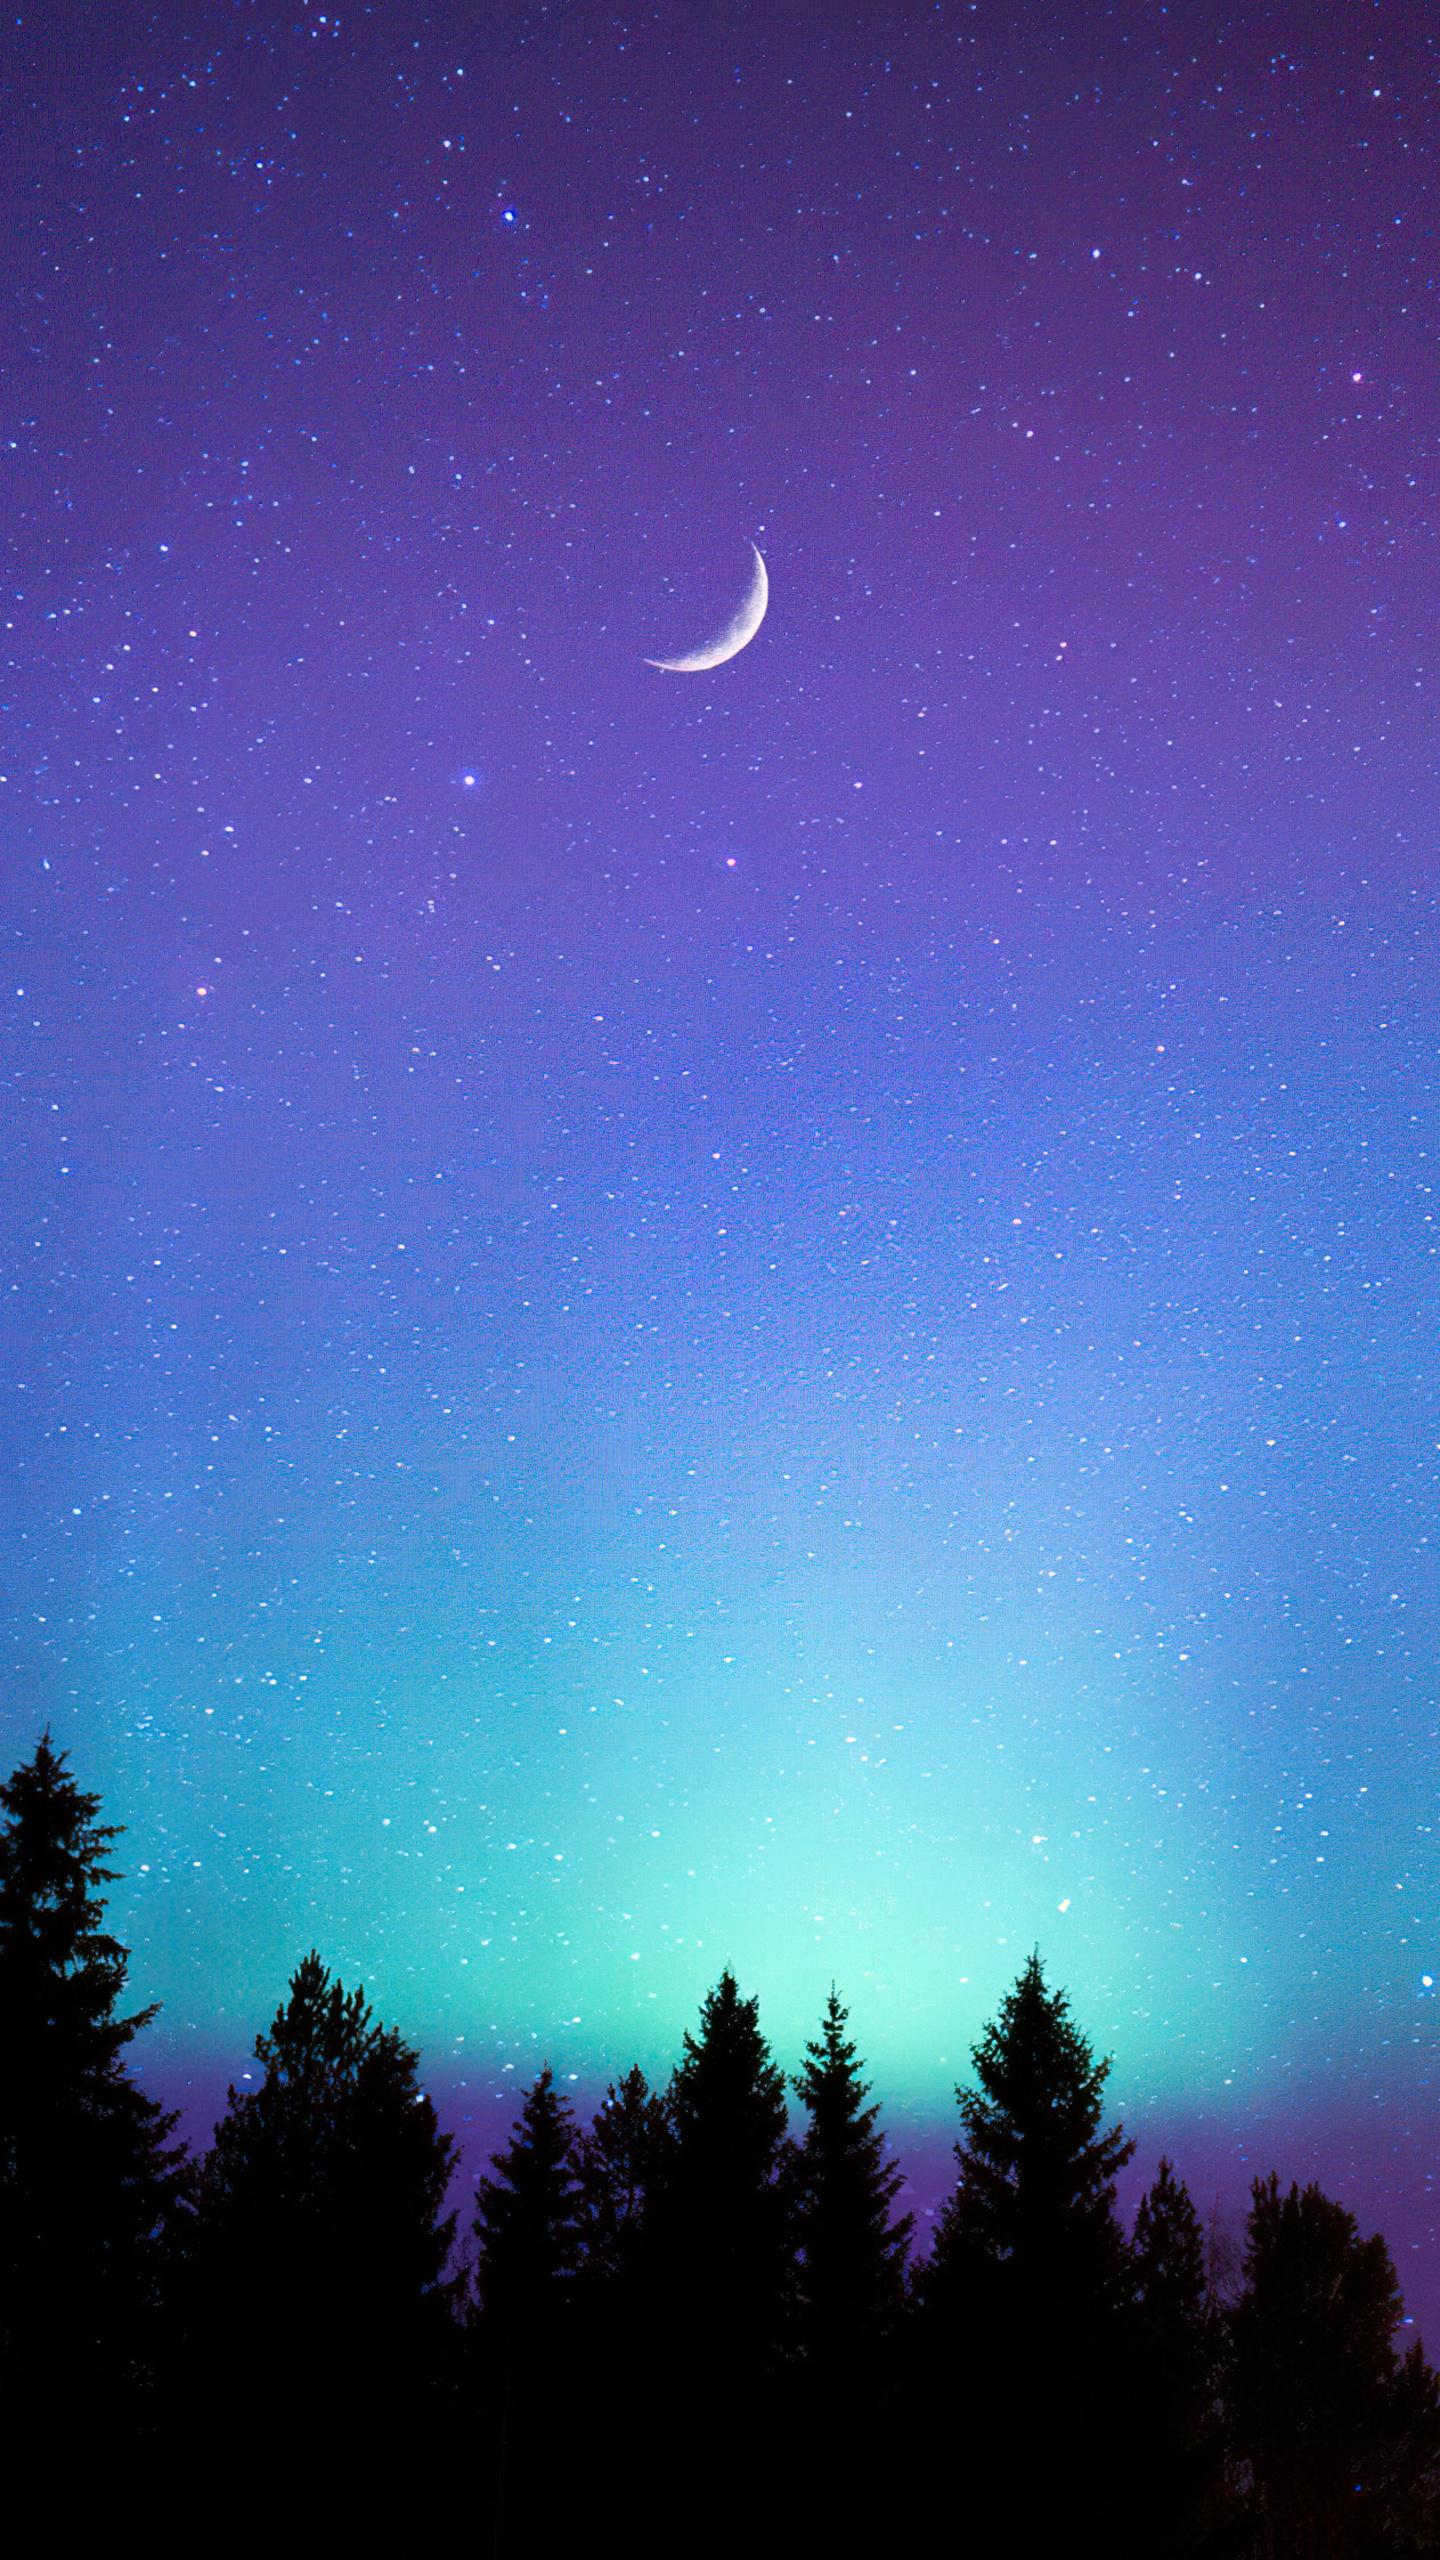 celestial-event-4k-1s.jpg